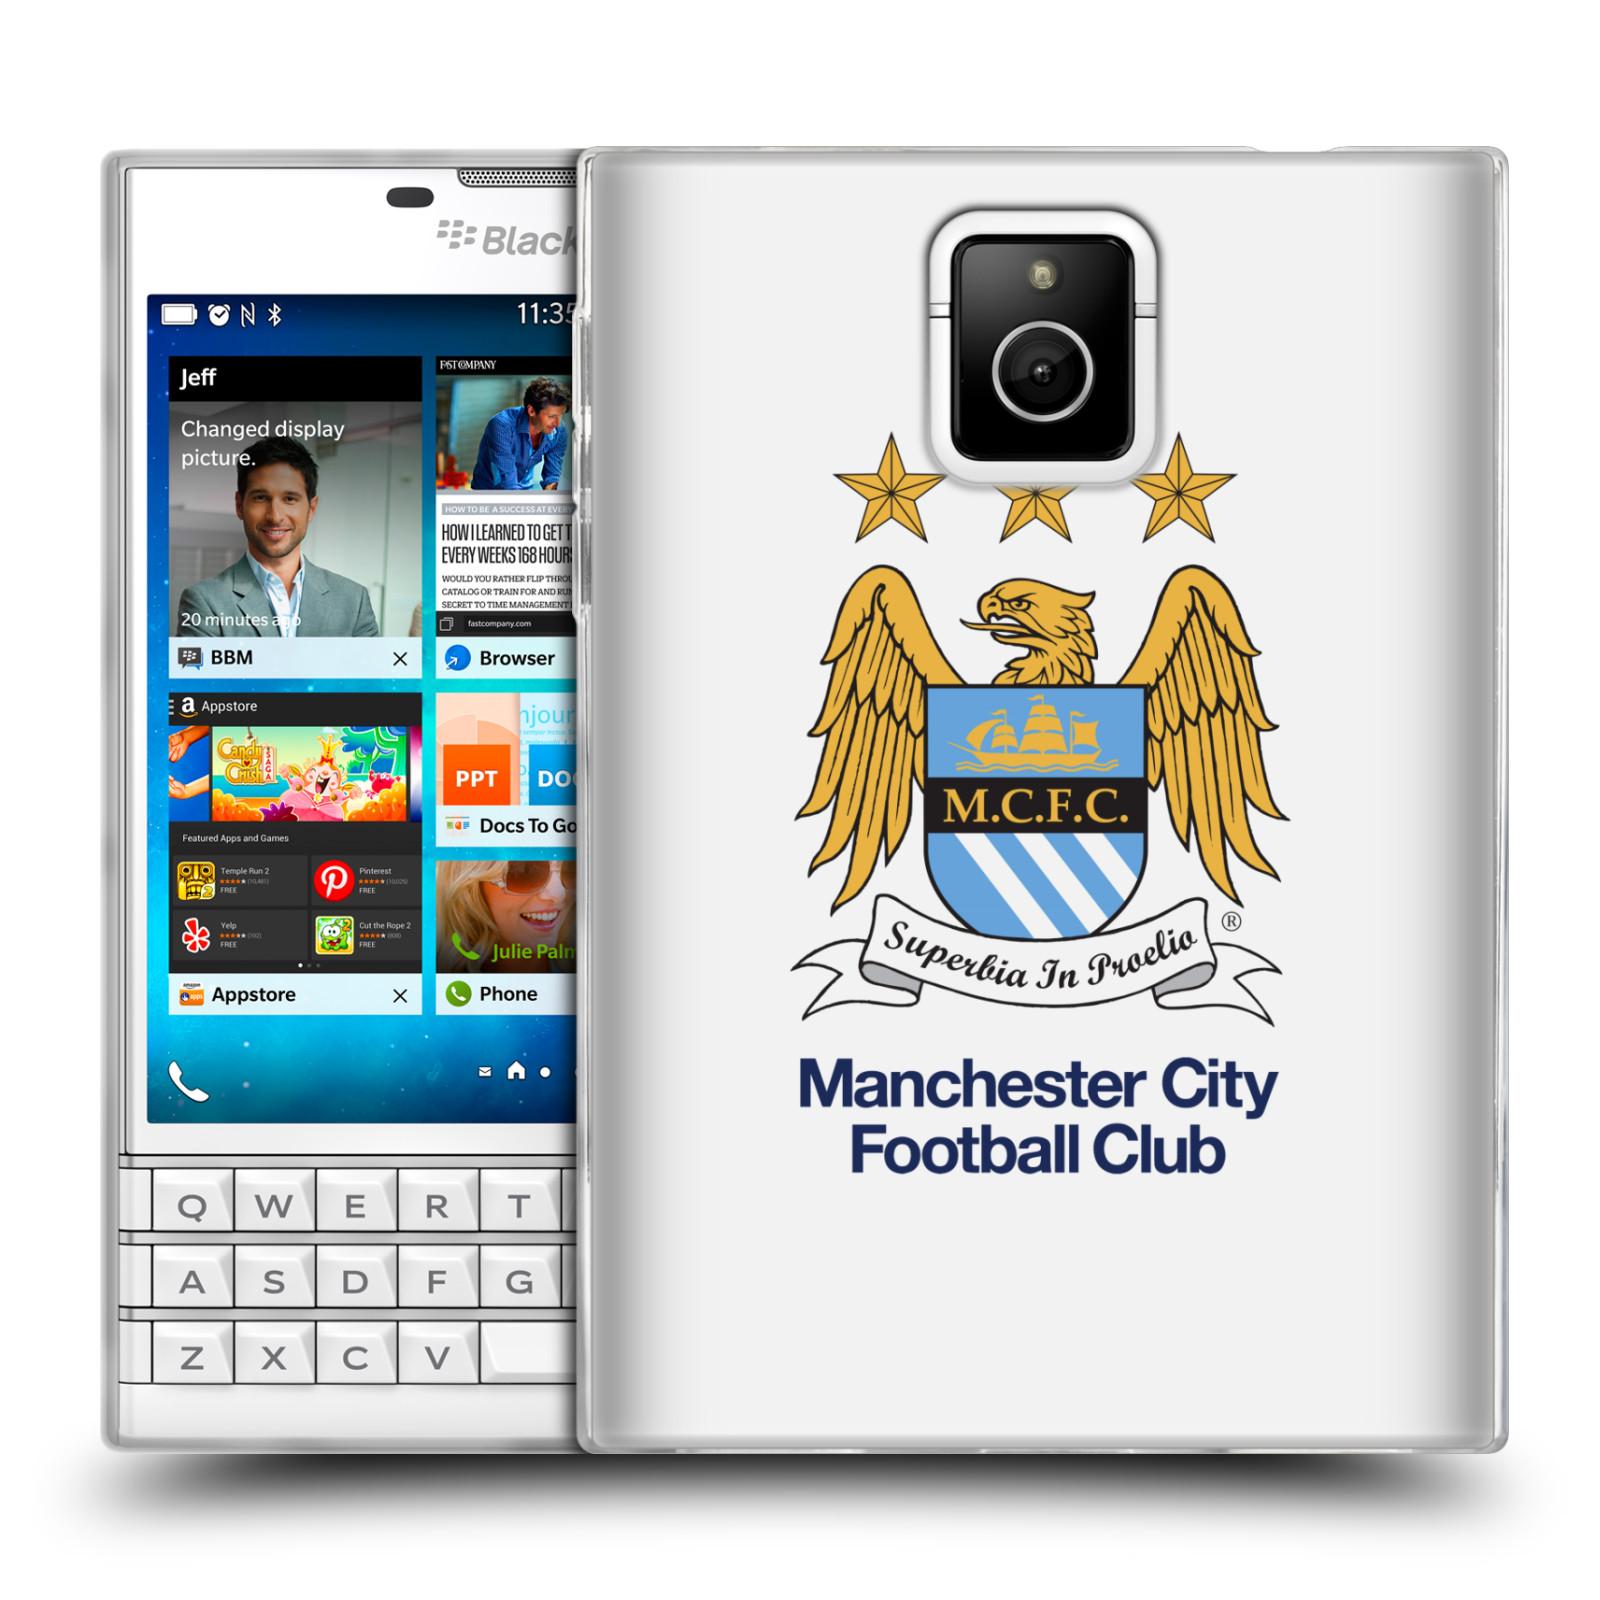 HEAD CASE silikonový obal na mobil Blackberry PASSPORT Fotbalový klub Manchester City bílé pozadí velký znak pták